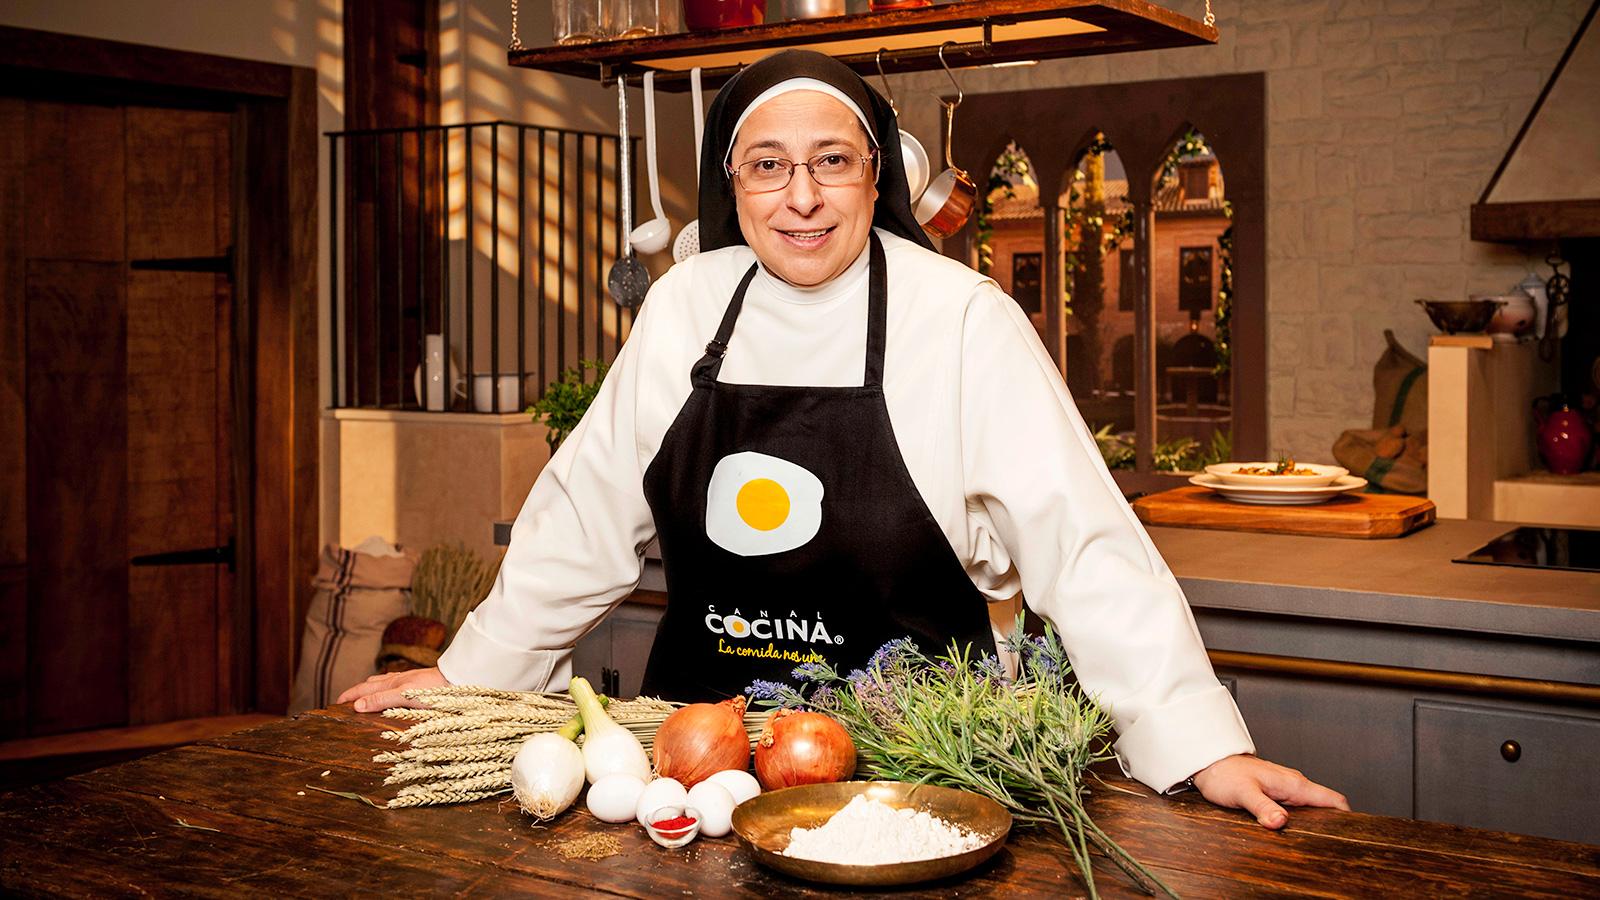 Sor lucia caram cocineros canal cocina - Canal de cocina ...